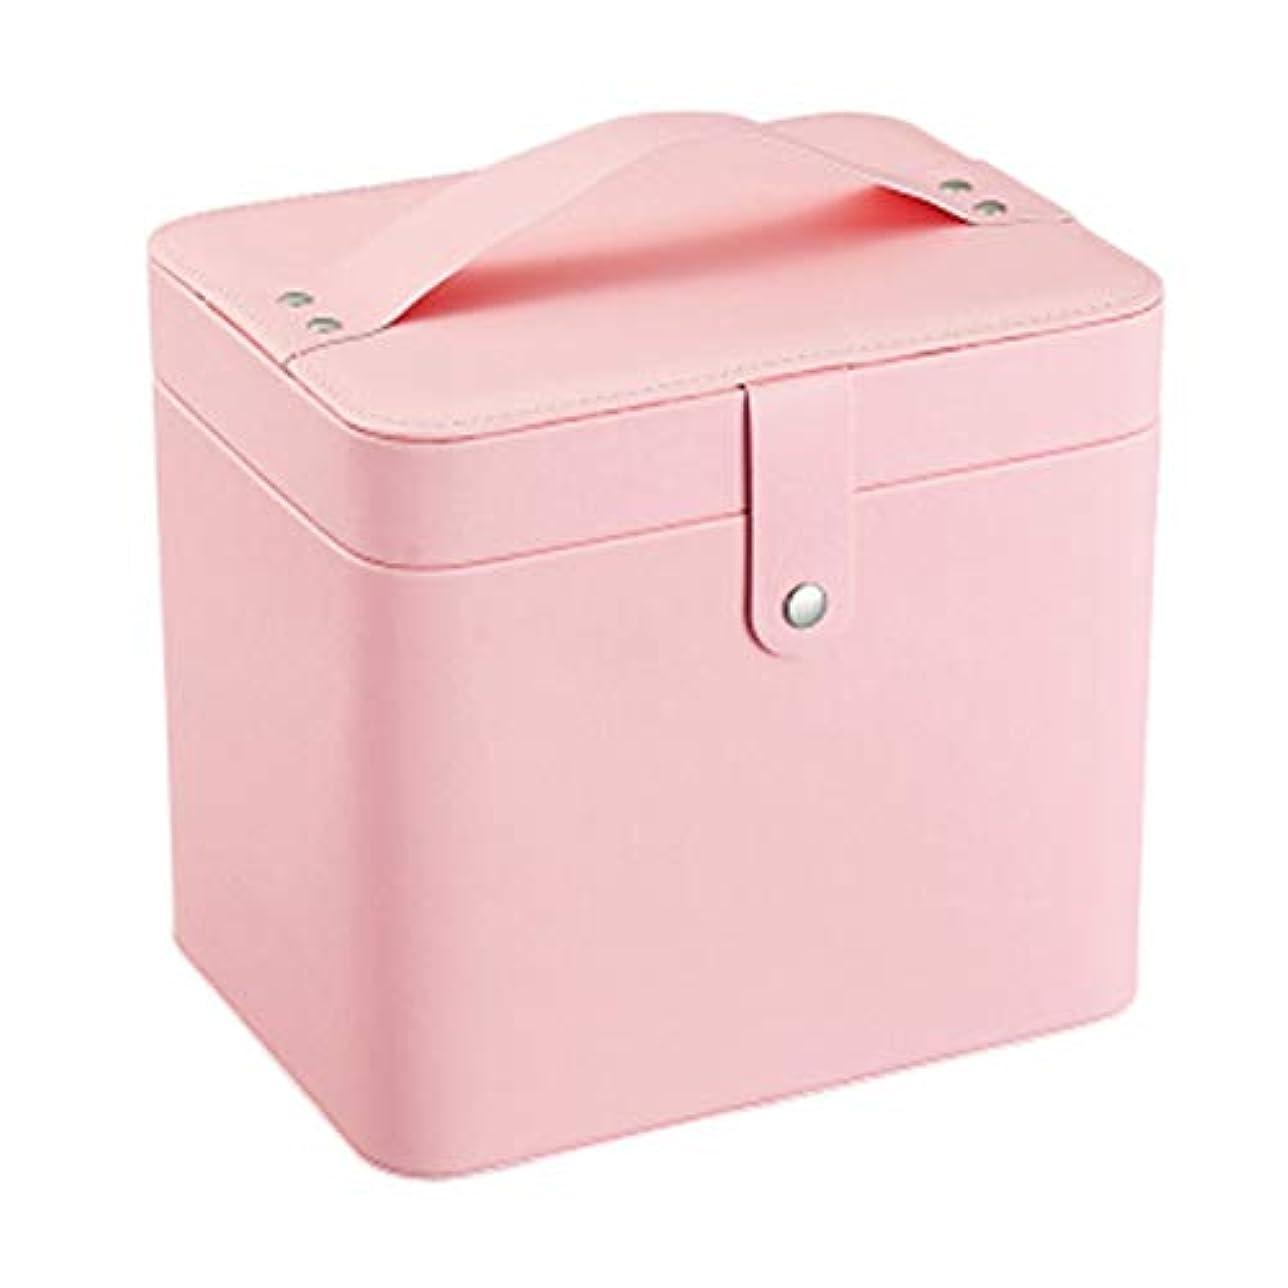 おいしい把握経度化粧オーガナイザーバッグ 化粧鏡で小さなものの種類の旅行のための美容メイクアップのためのピンクのポータブル化粧品バッグ 化粧品ケース